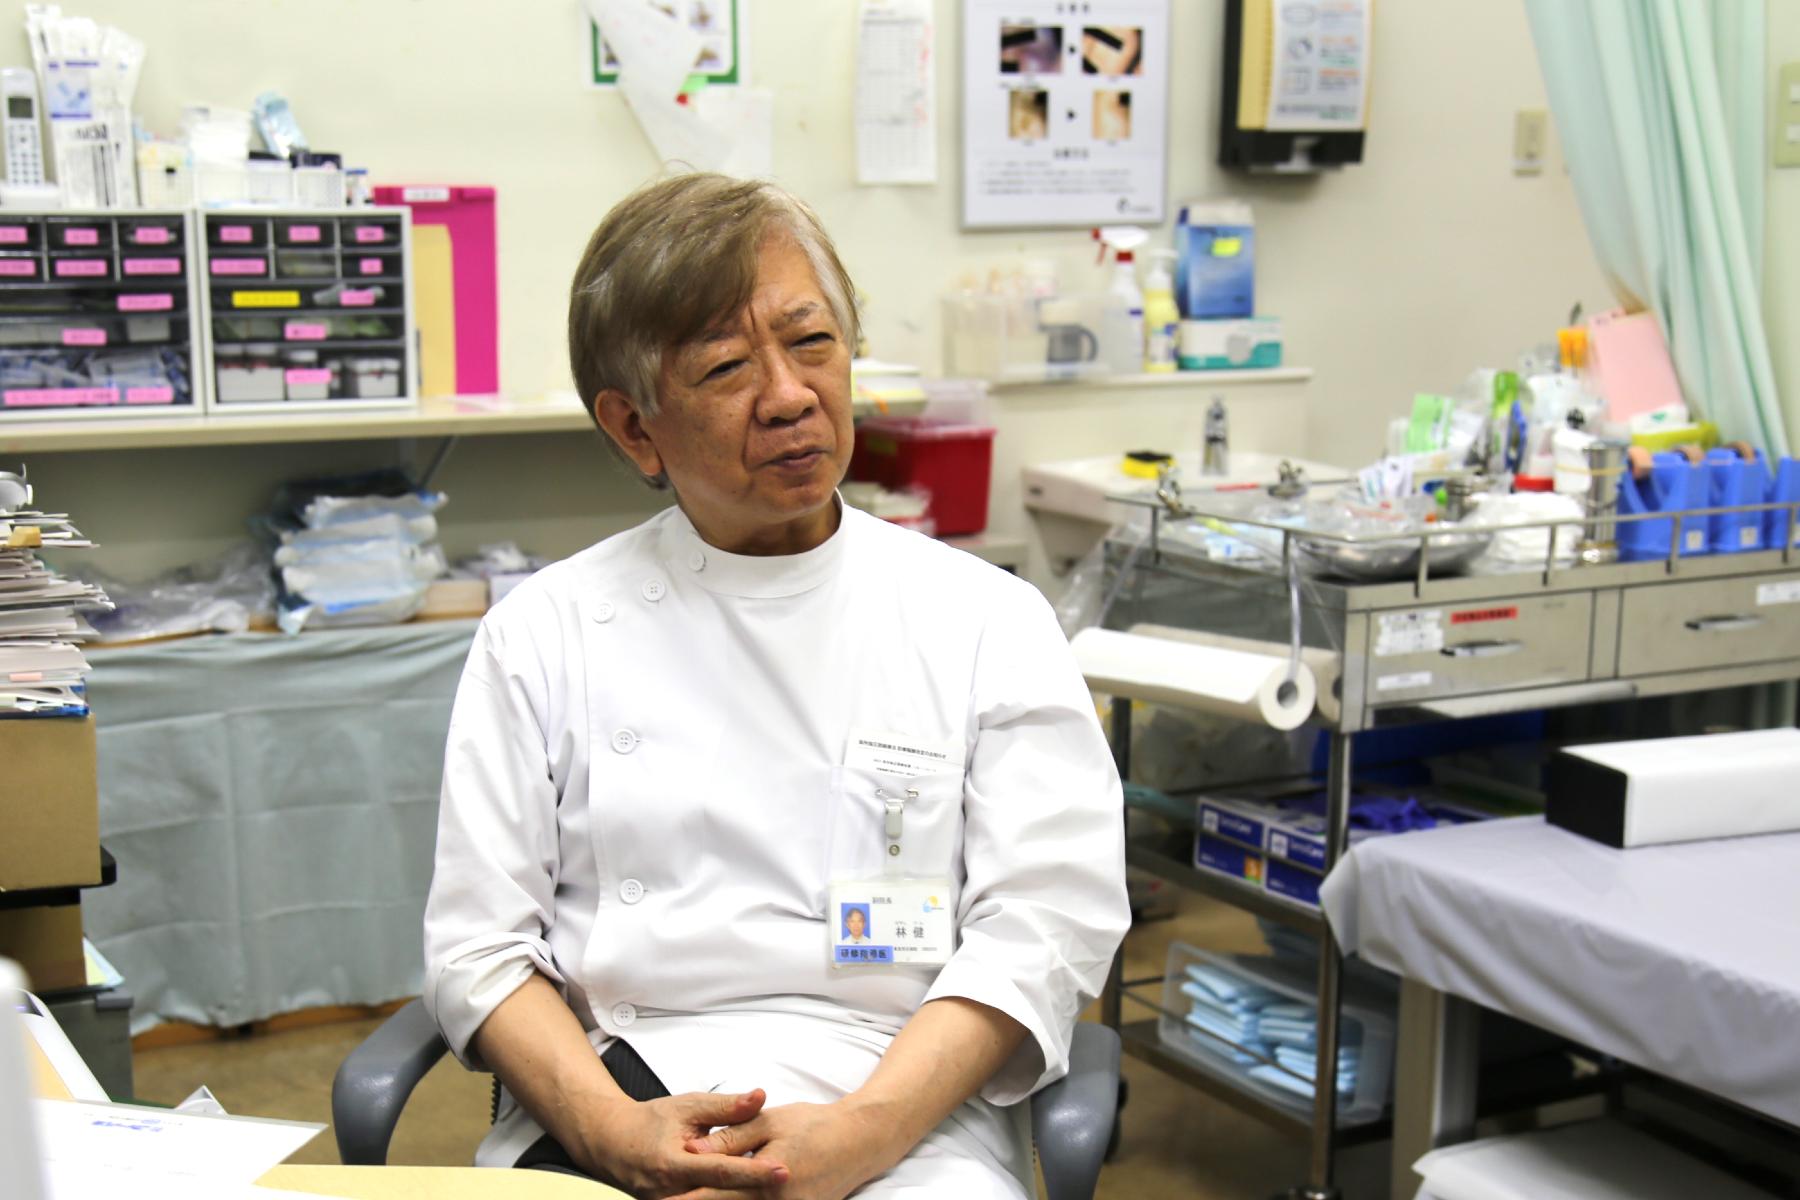 皮膚外科医として患者さんに最善の医療を提供したい――林 健先生の思い